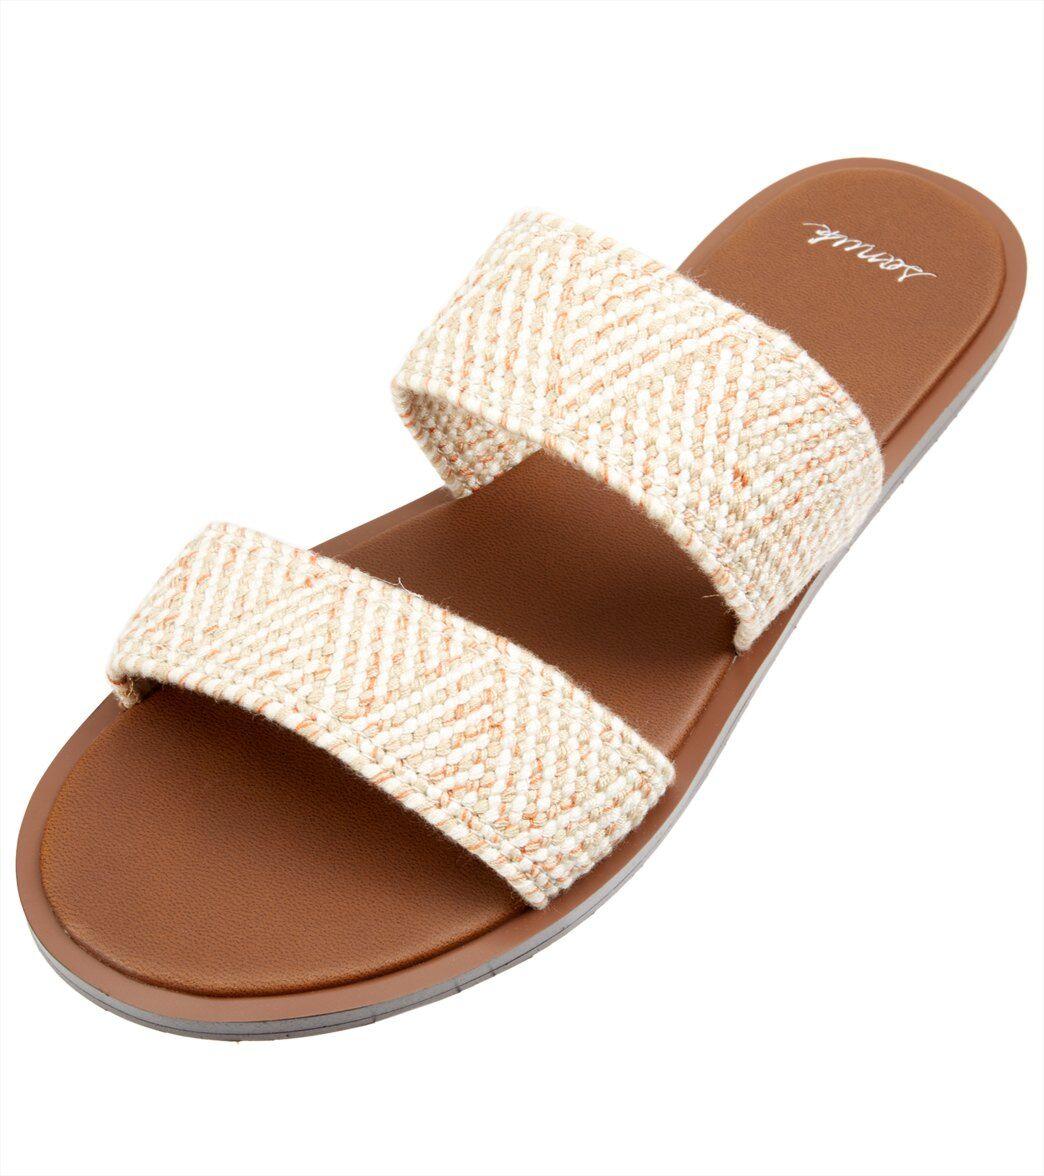 Sanuk Women's Yoga Gora TX Slide Sandal - Natural 10 Rubber